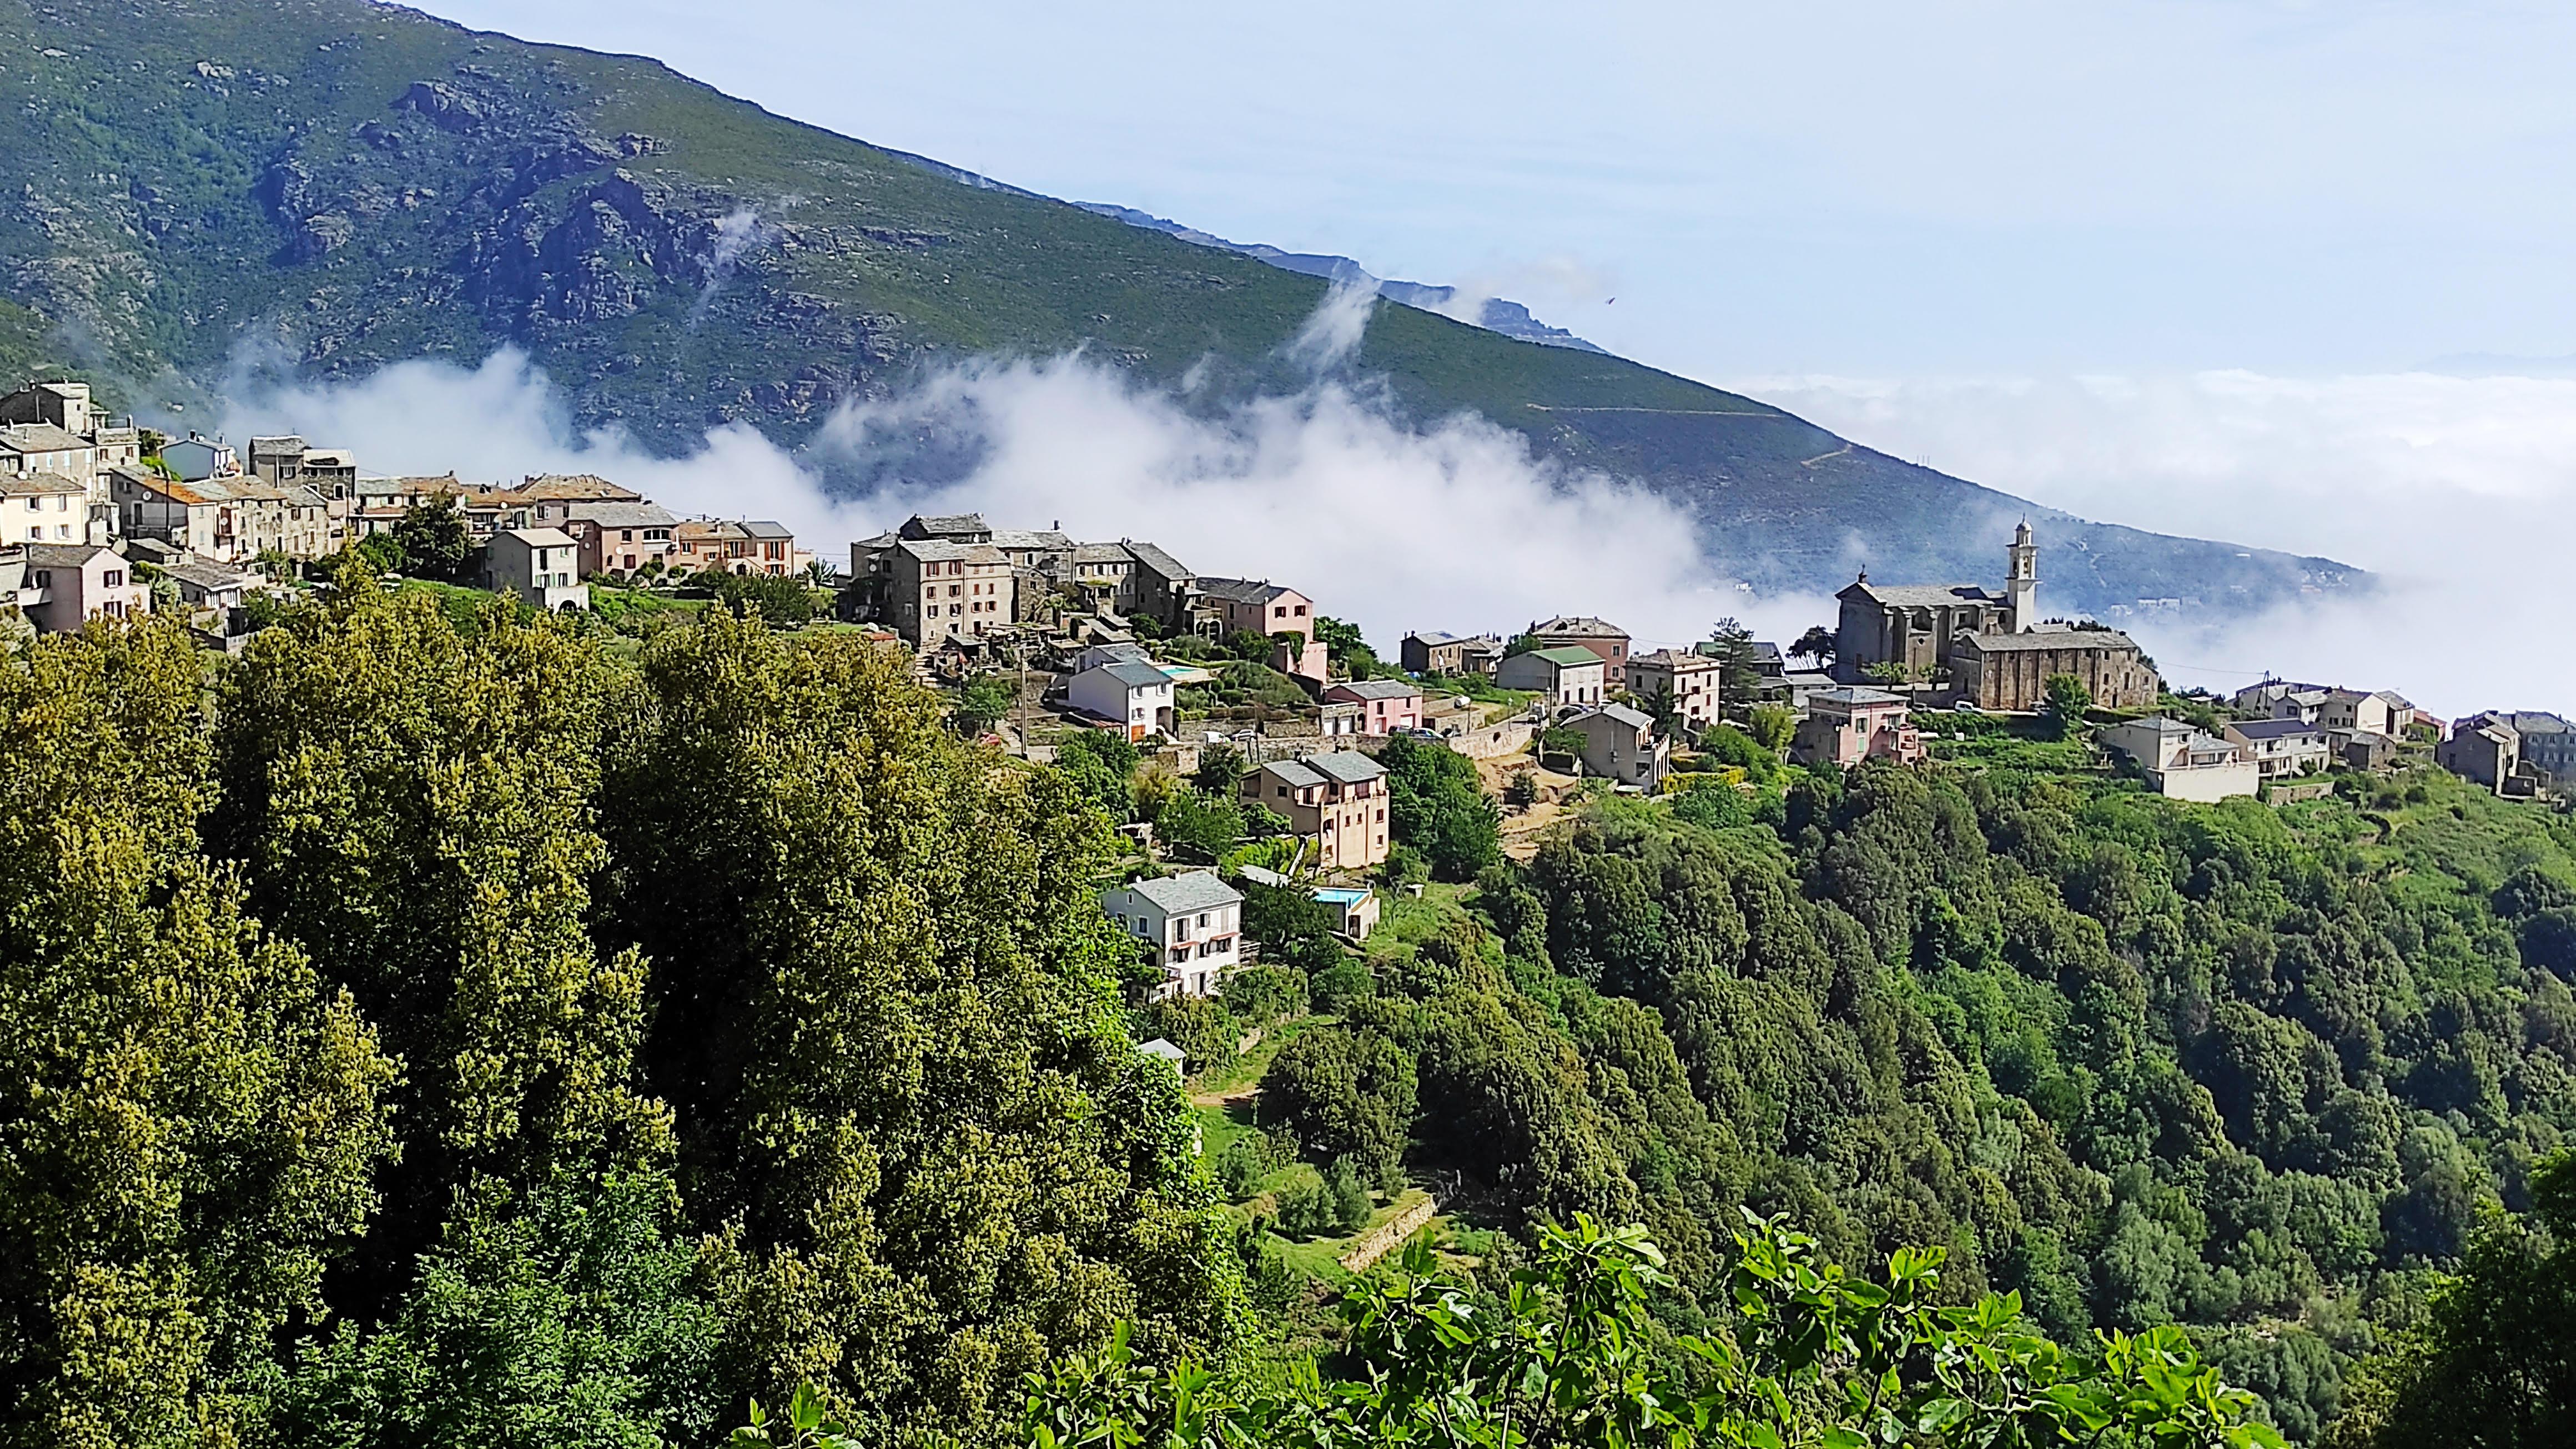 San Martinu di Lota (Photo Mathieu Mariotti)